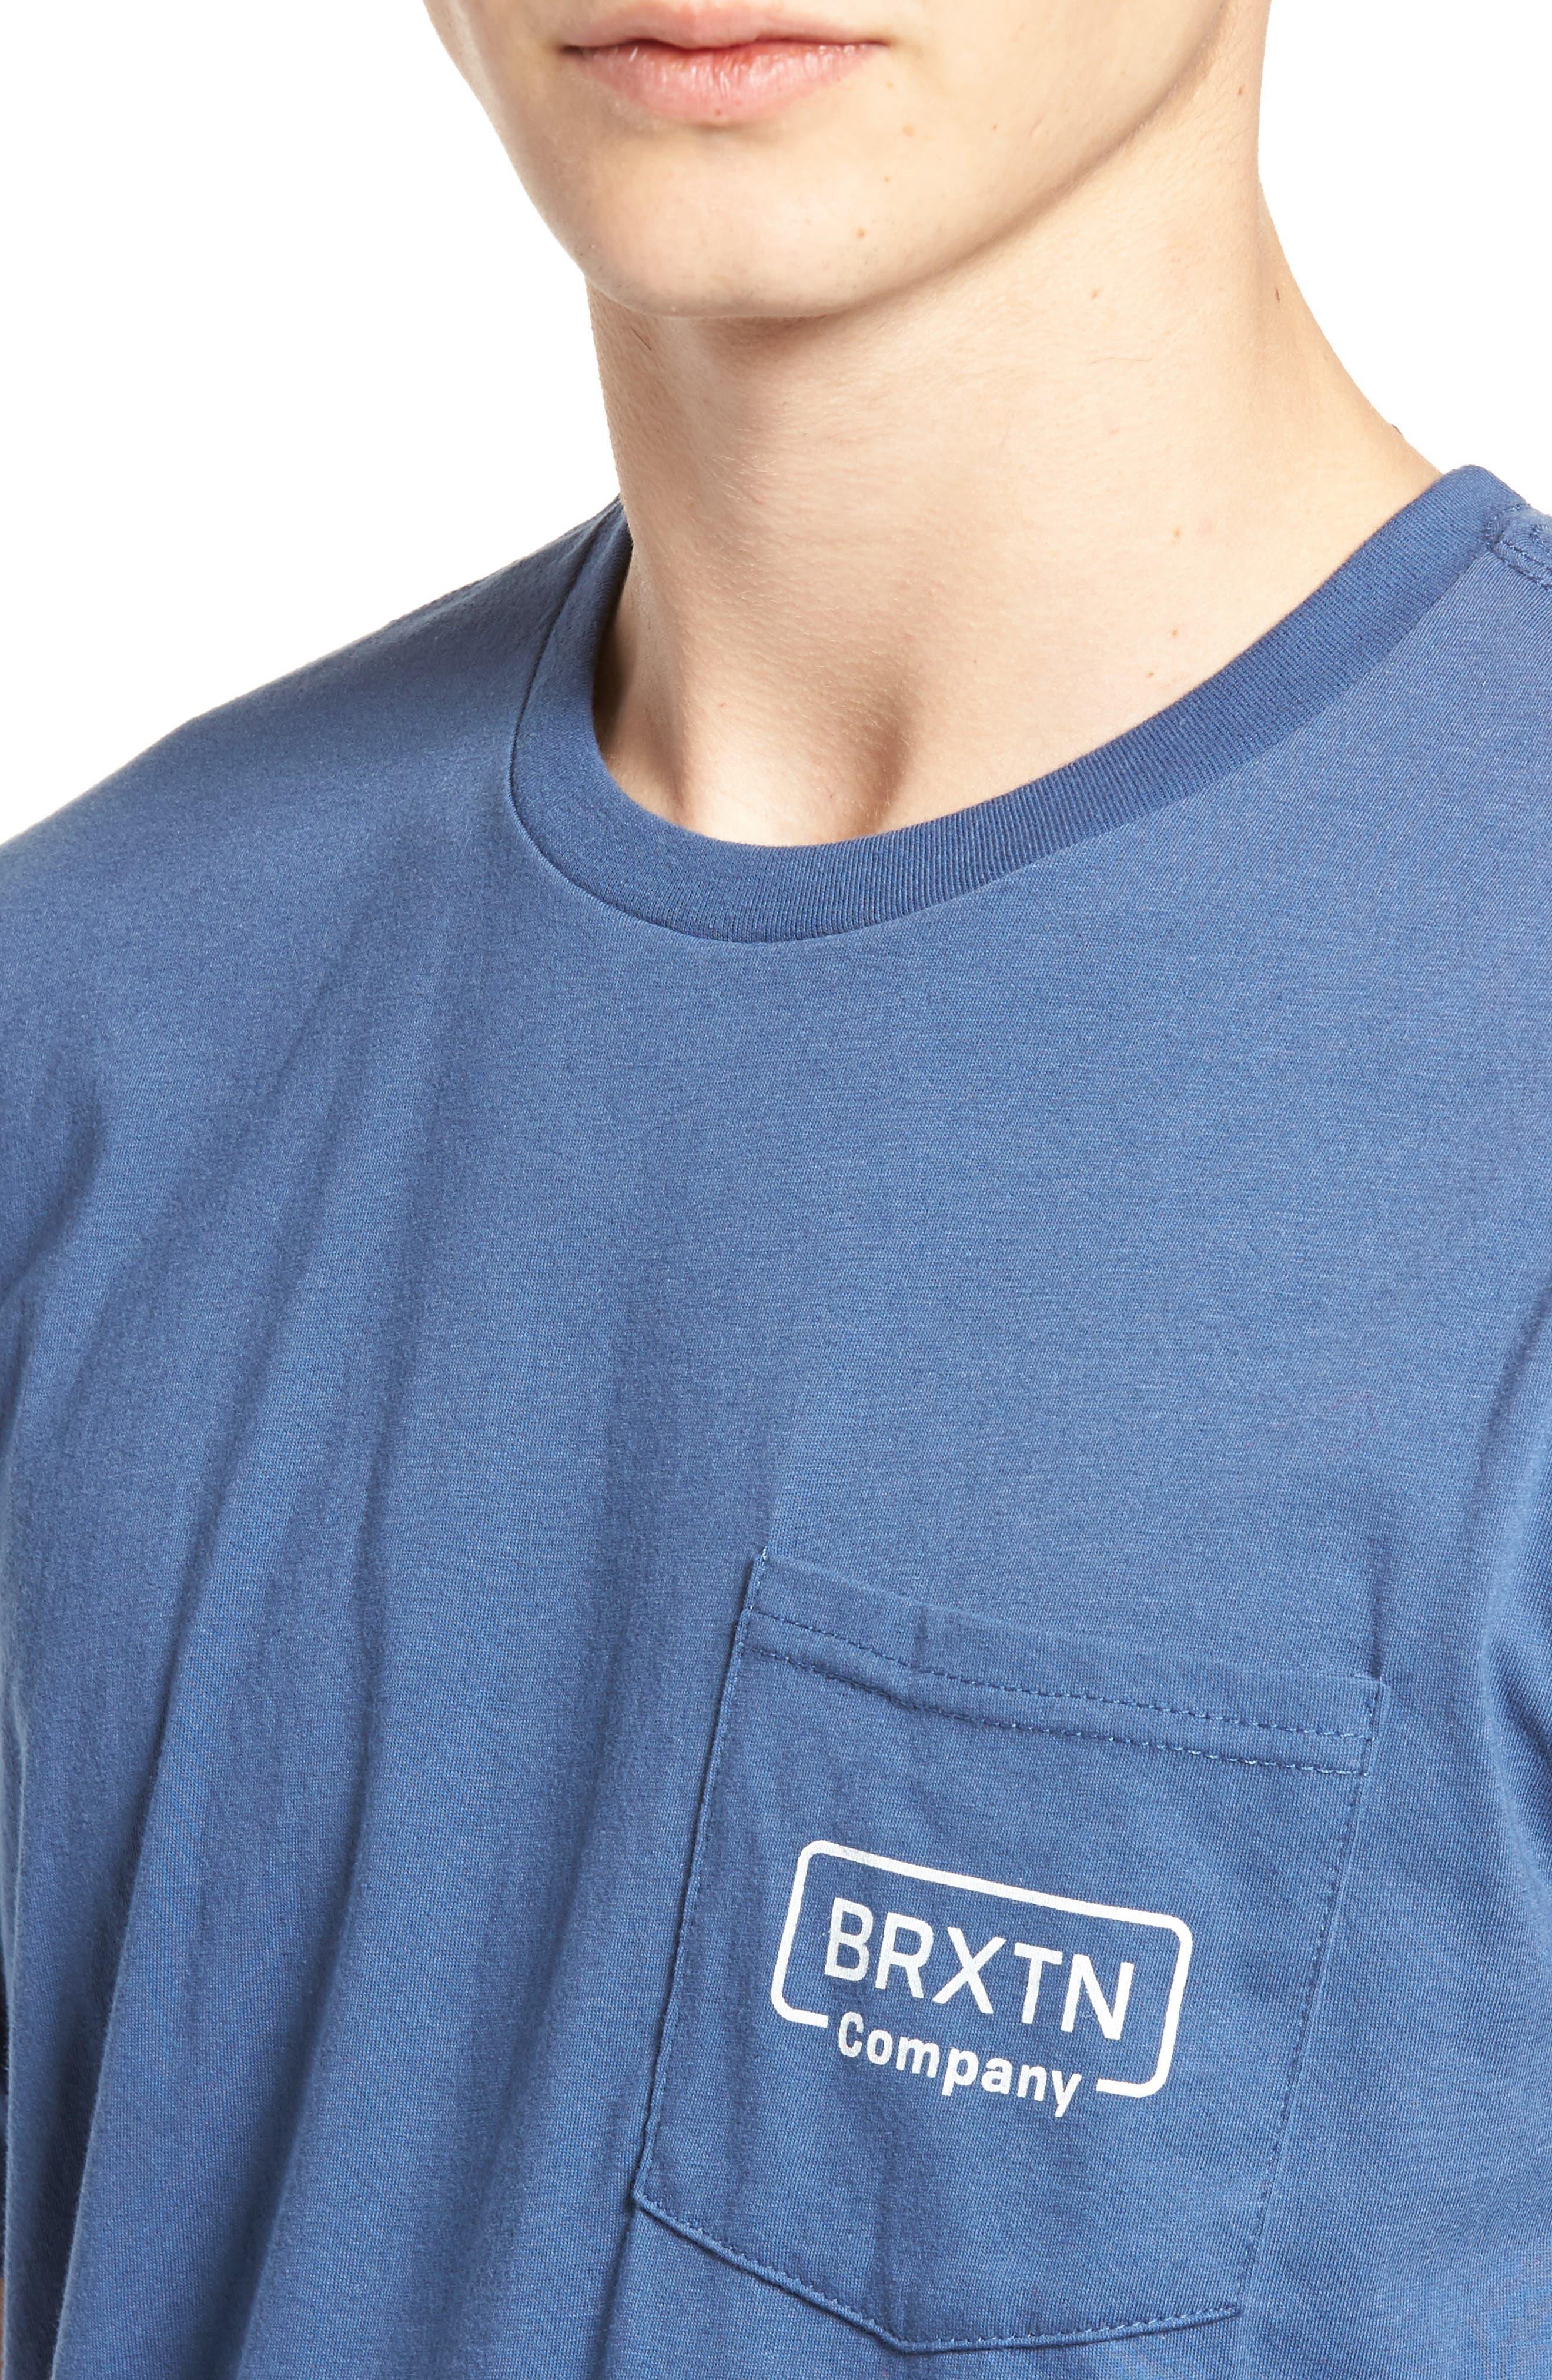 Crosswhite Pocket T-Shirt,                             Alternate thumbnail 4, color,                             400